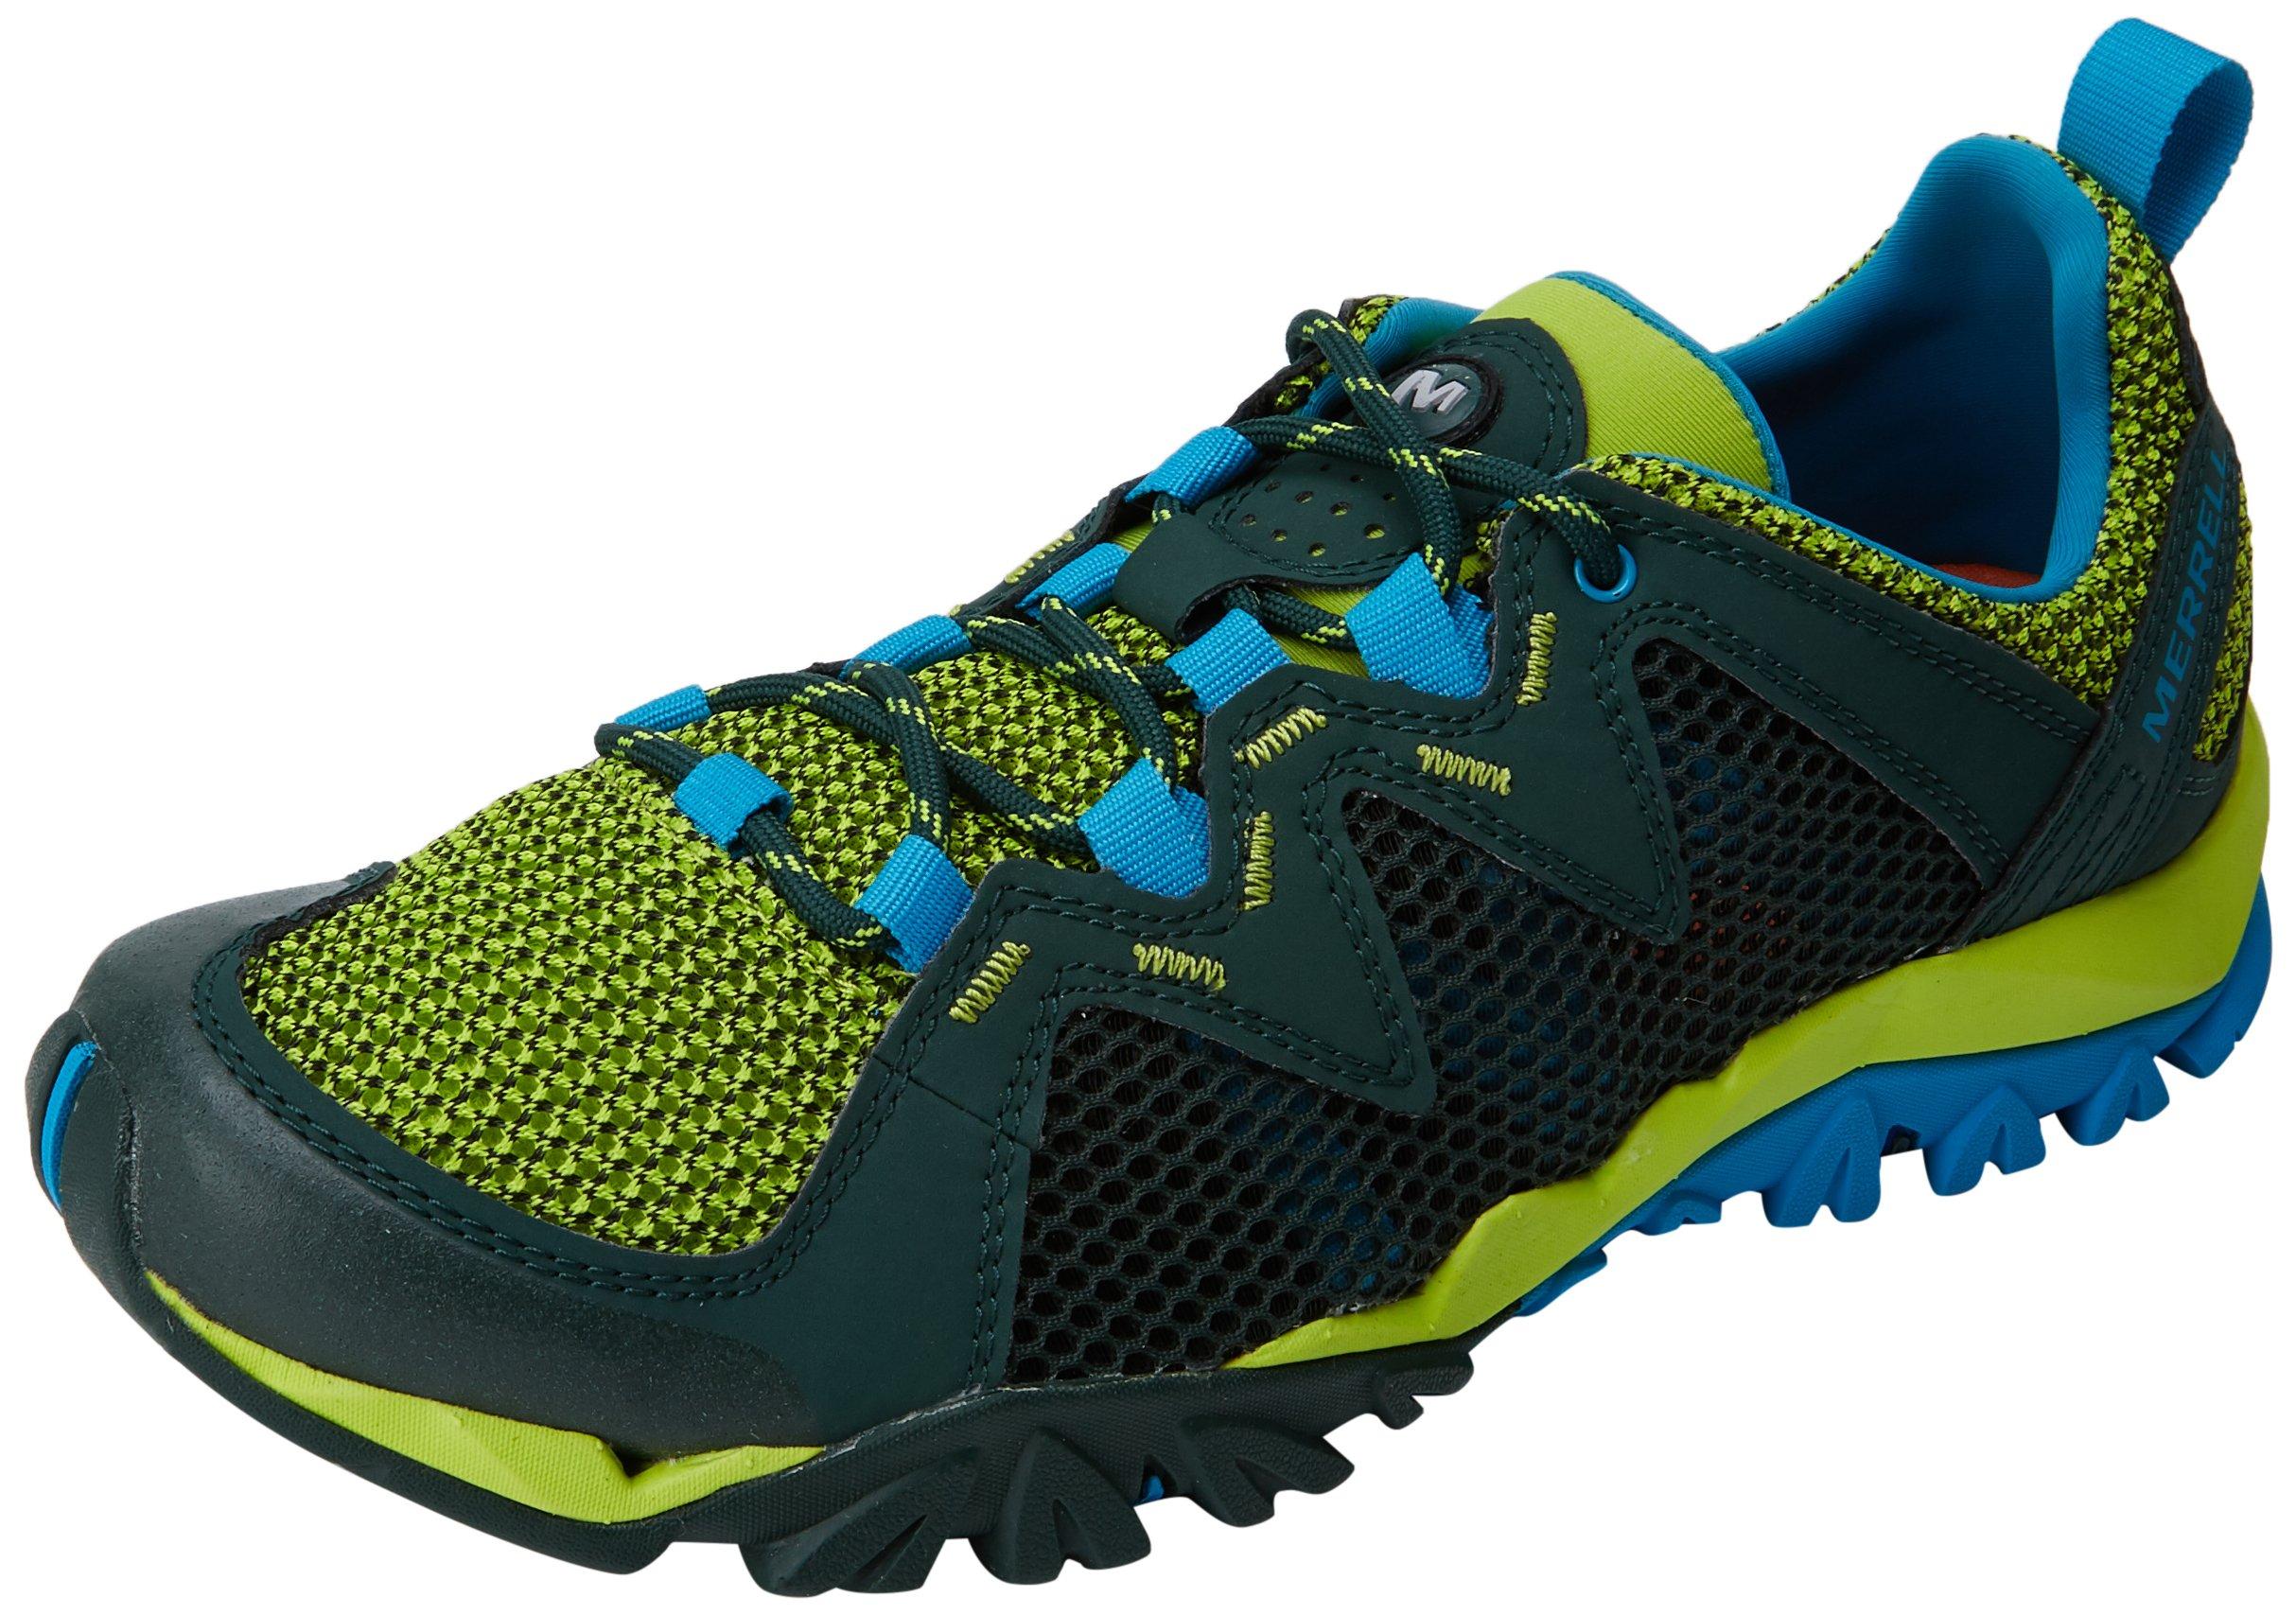 Crest Chaussures Vertcitron Rapid MerrellTetrex Eu Homme Vert43 5 Sports De y0OmvnN8w